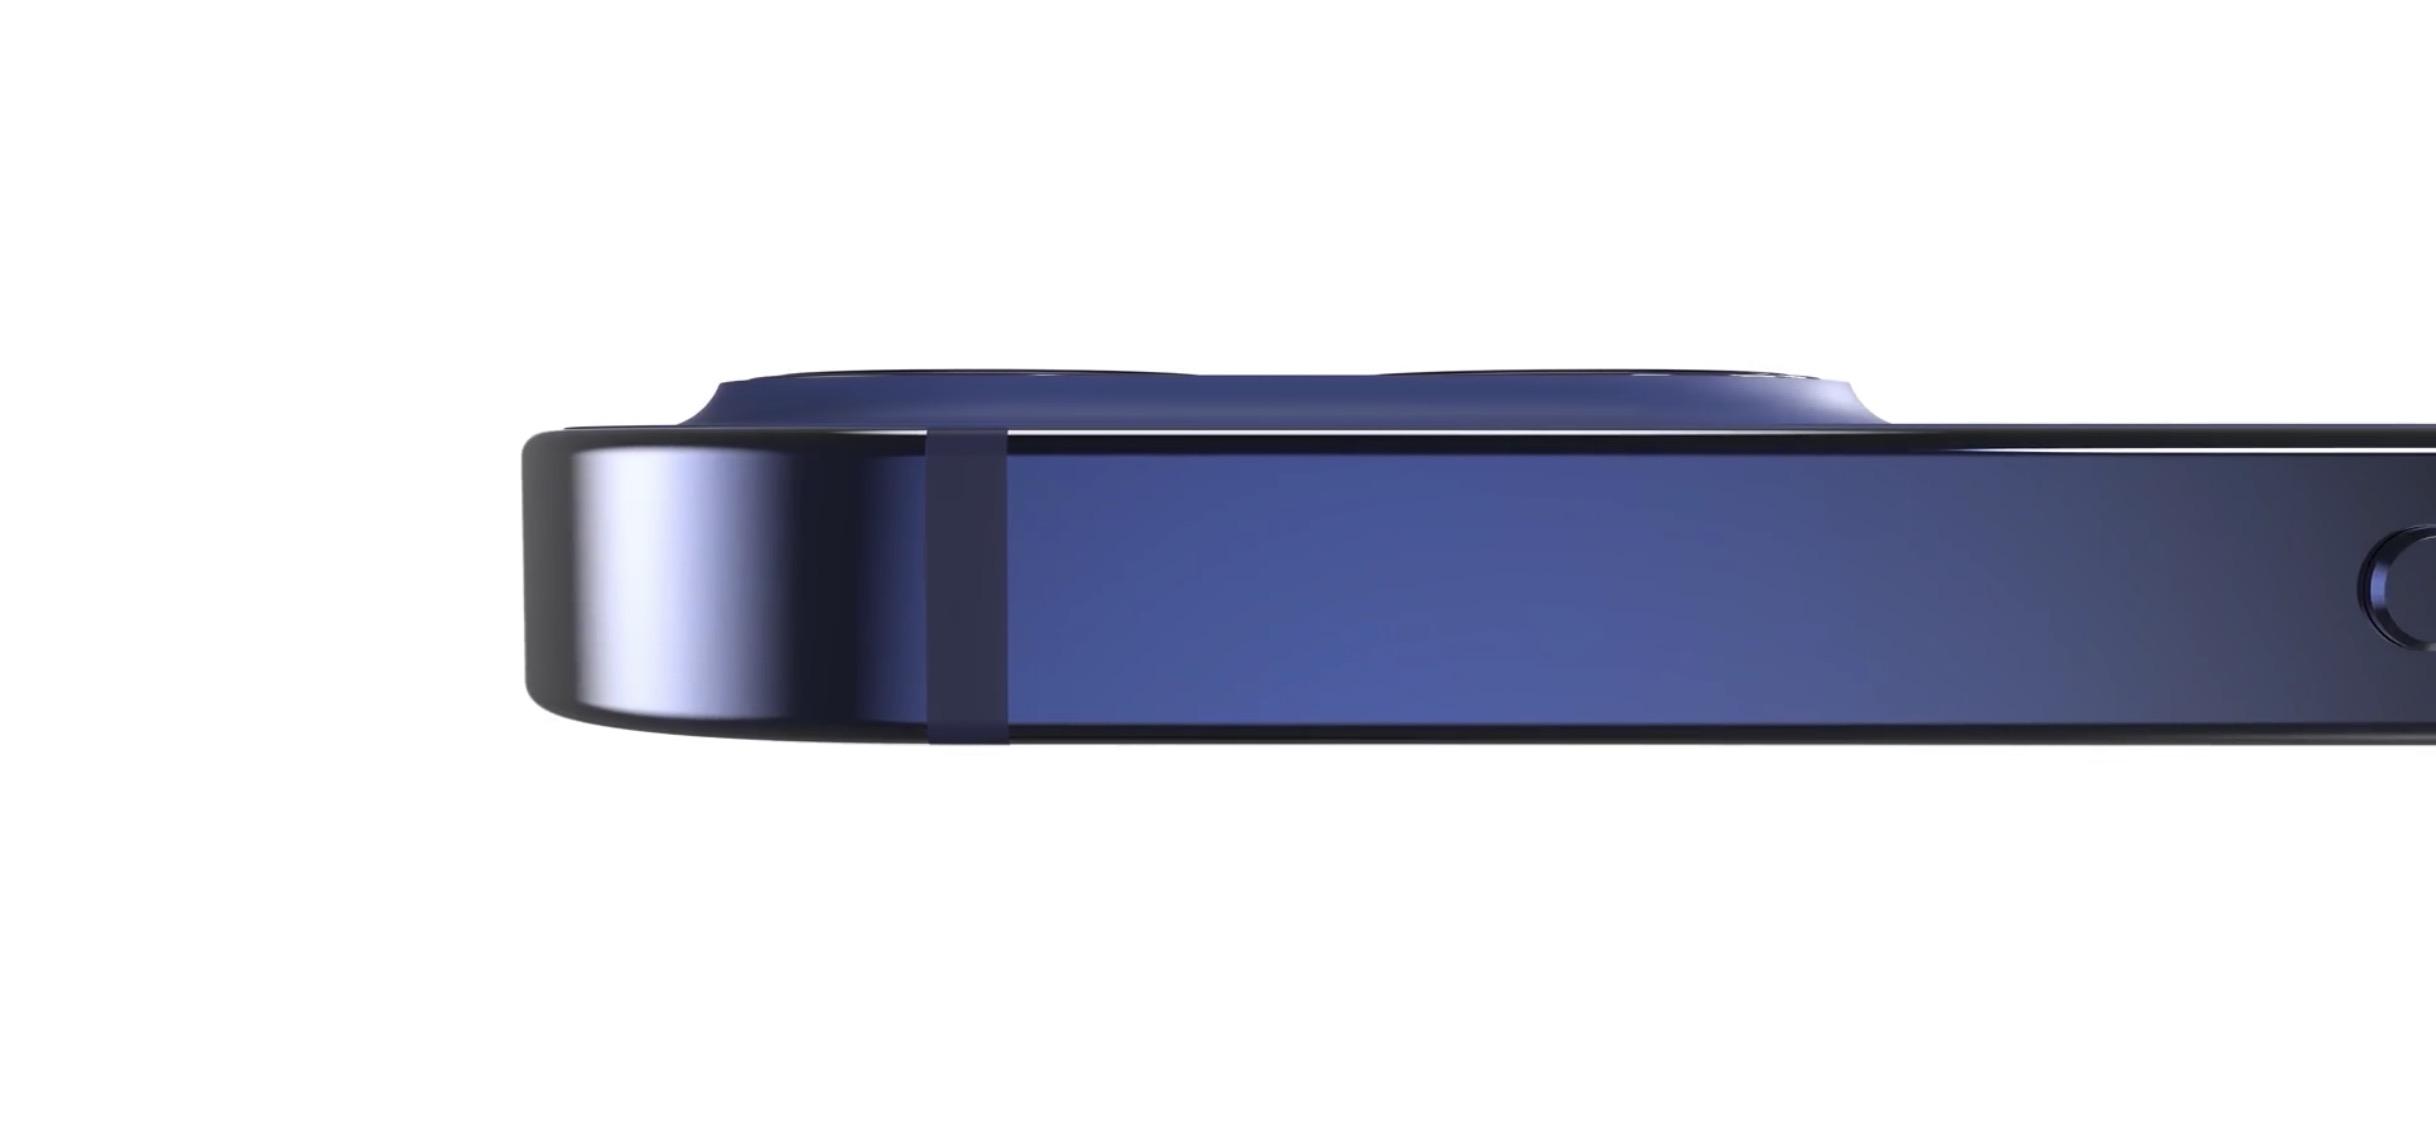 iPhone 12 Pro Max、早くもデザイン・サイズ判明か